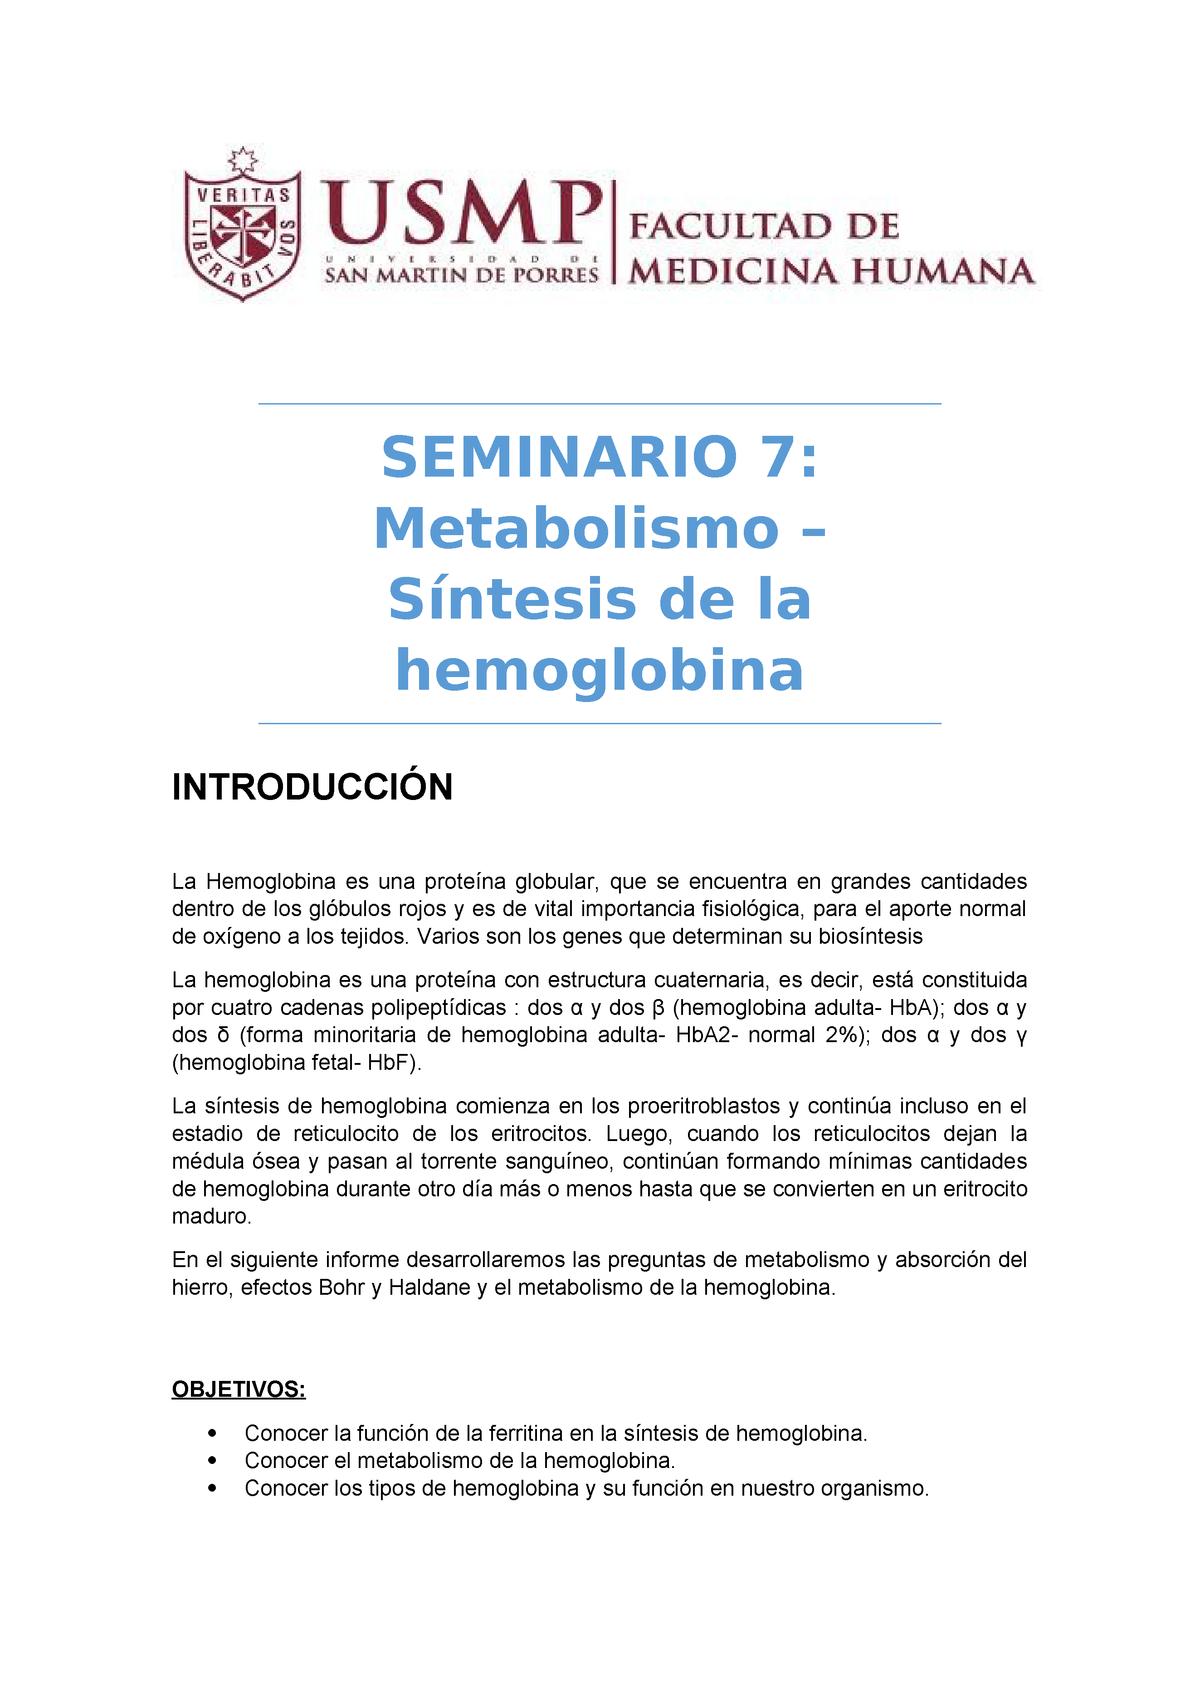 6 Hemoglobina Fisiología Humana 101315 Usmp Studocu